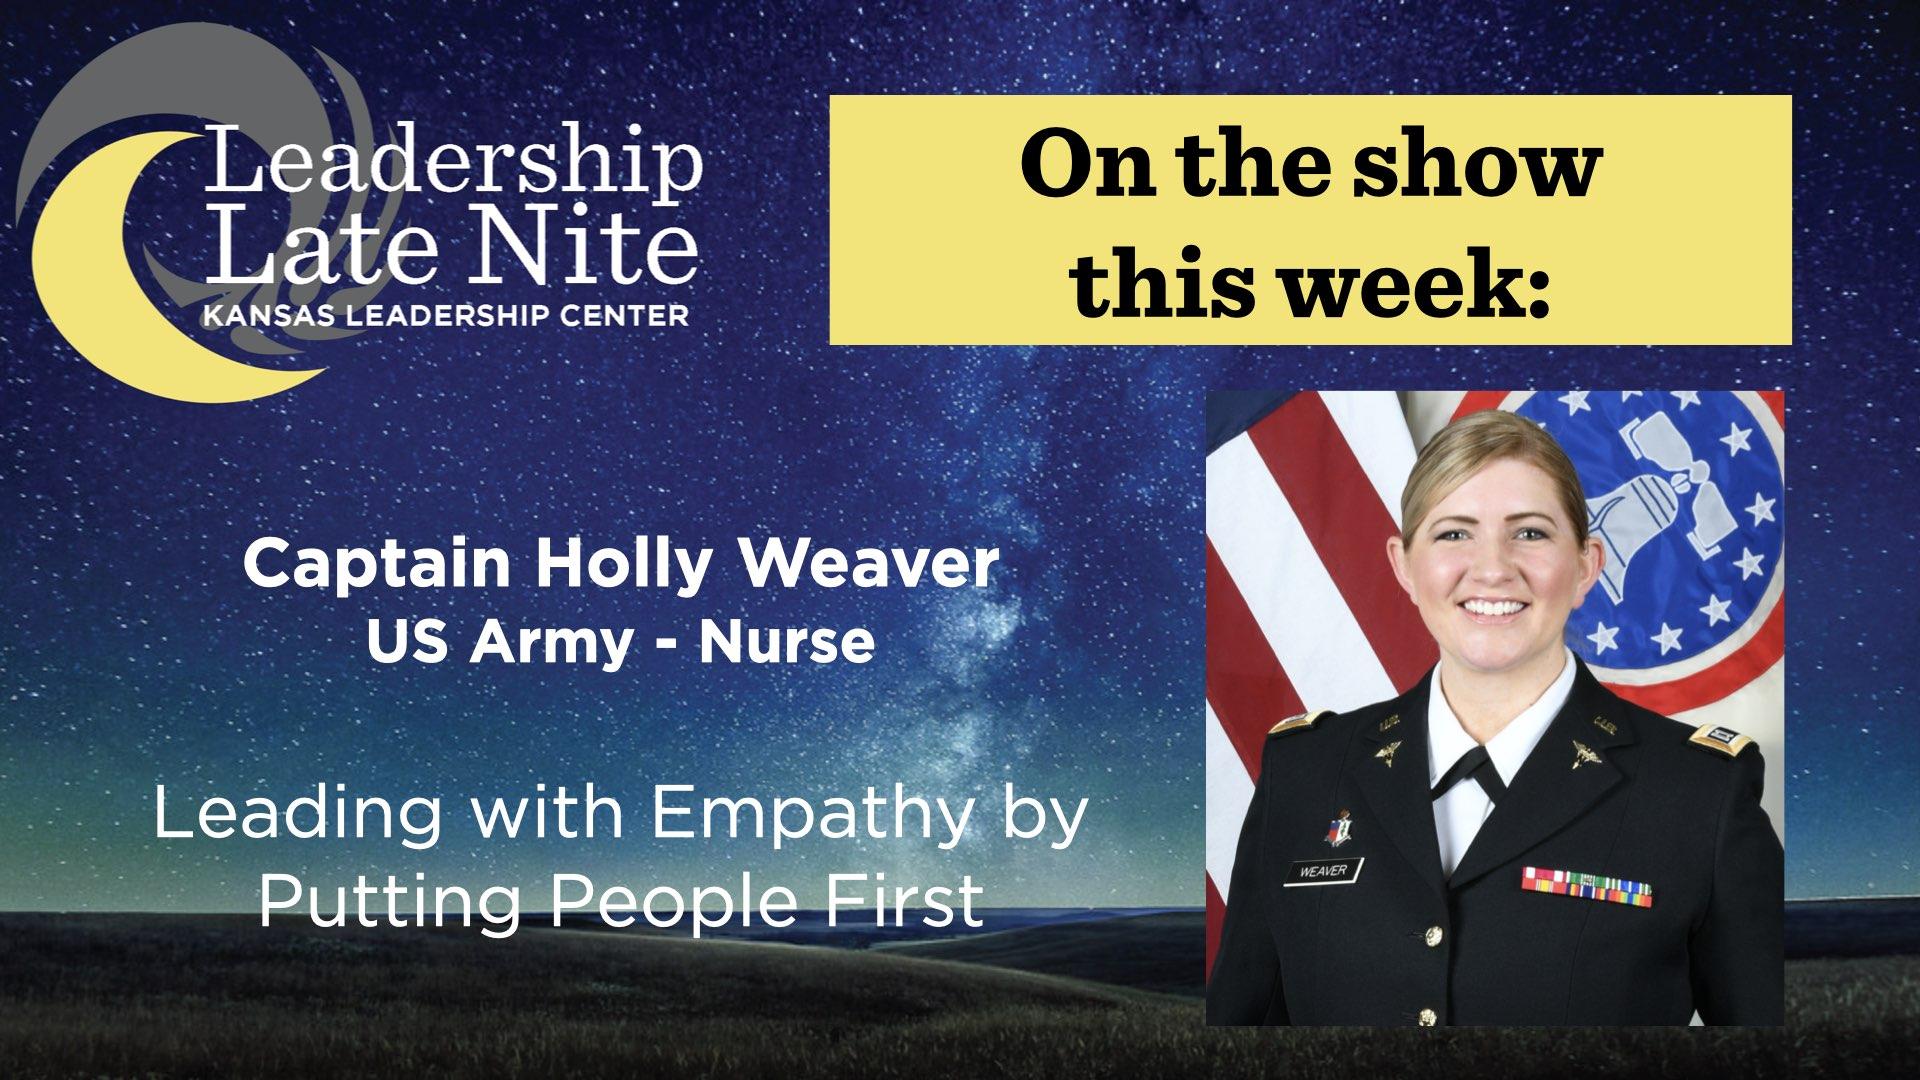 Holly Weaver on Leadership Late Nite